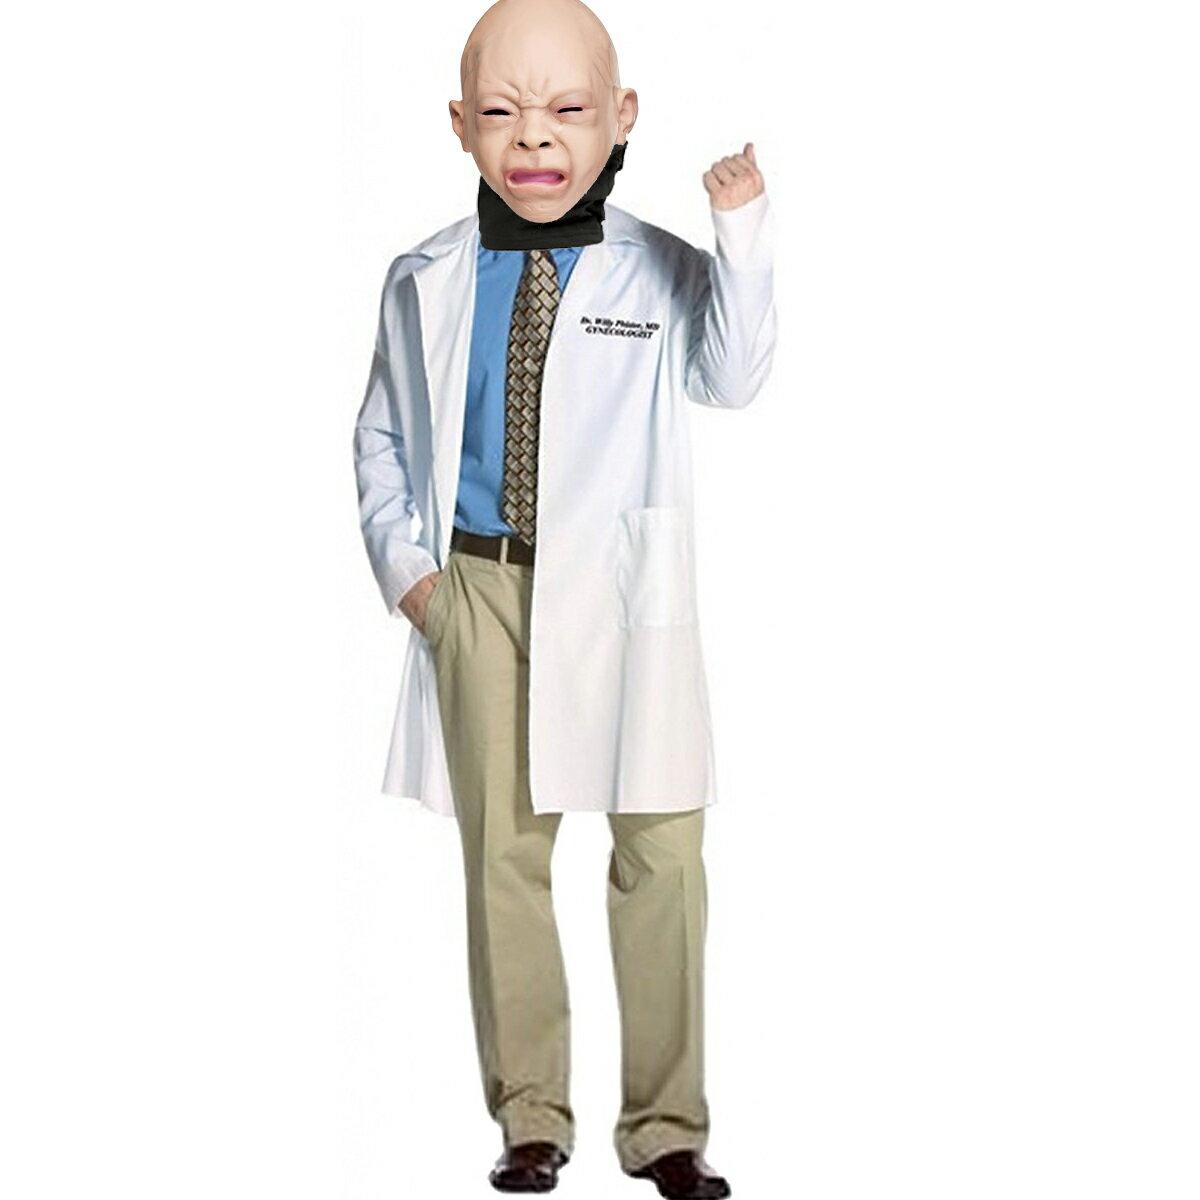 リアル 赤ちゃん マスク 笑ってはいけない 科学者 白衣 ネックウォーマー セット ガキの使い 泣き顔マスク あす楽